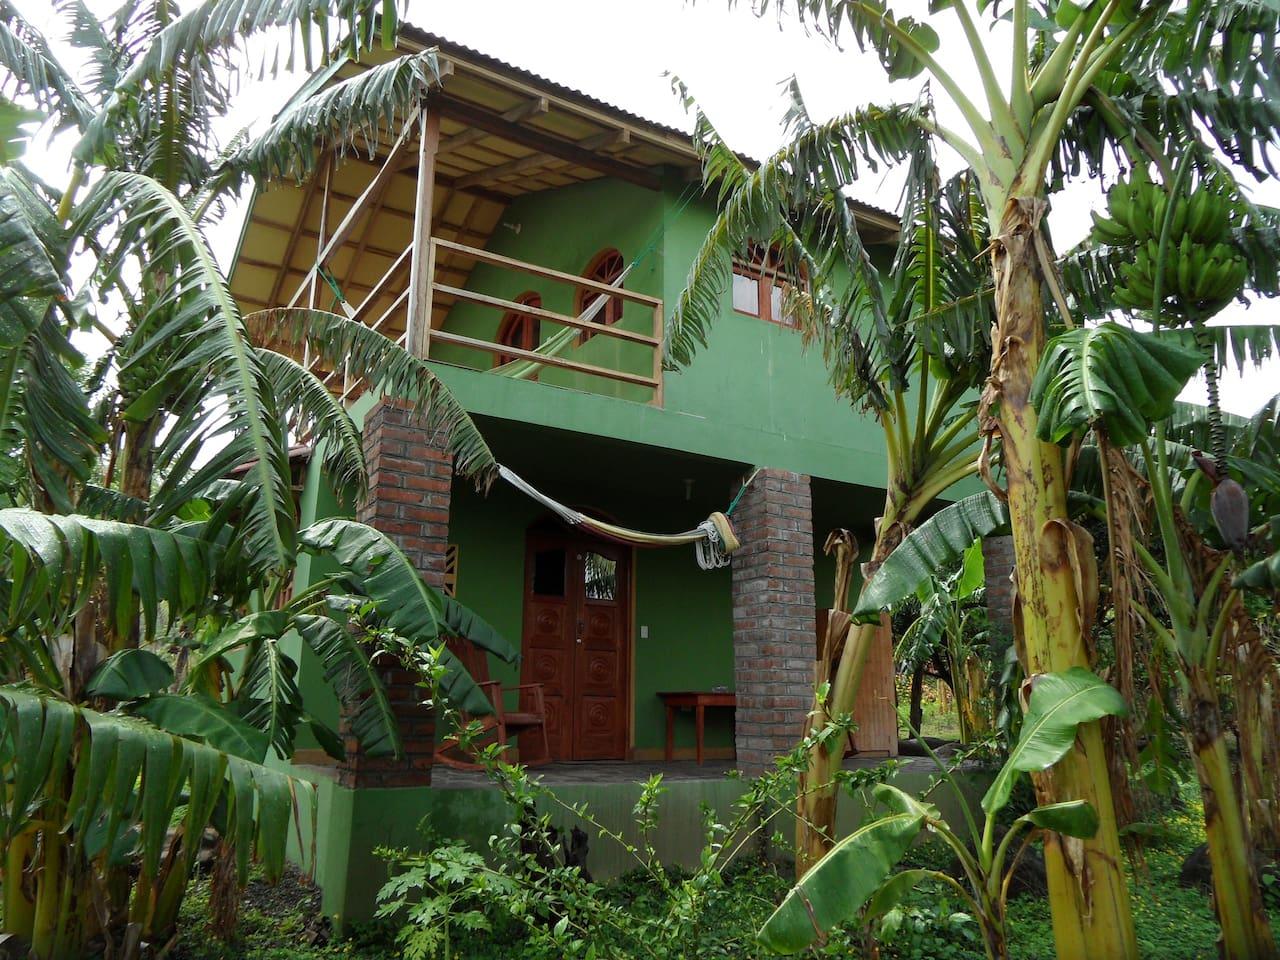 Casa Verde, mamacita's veranda and papacito's balcony